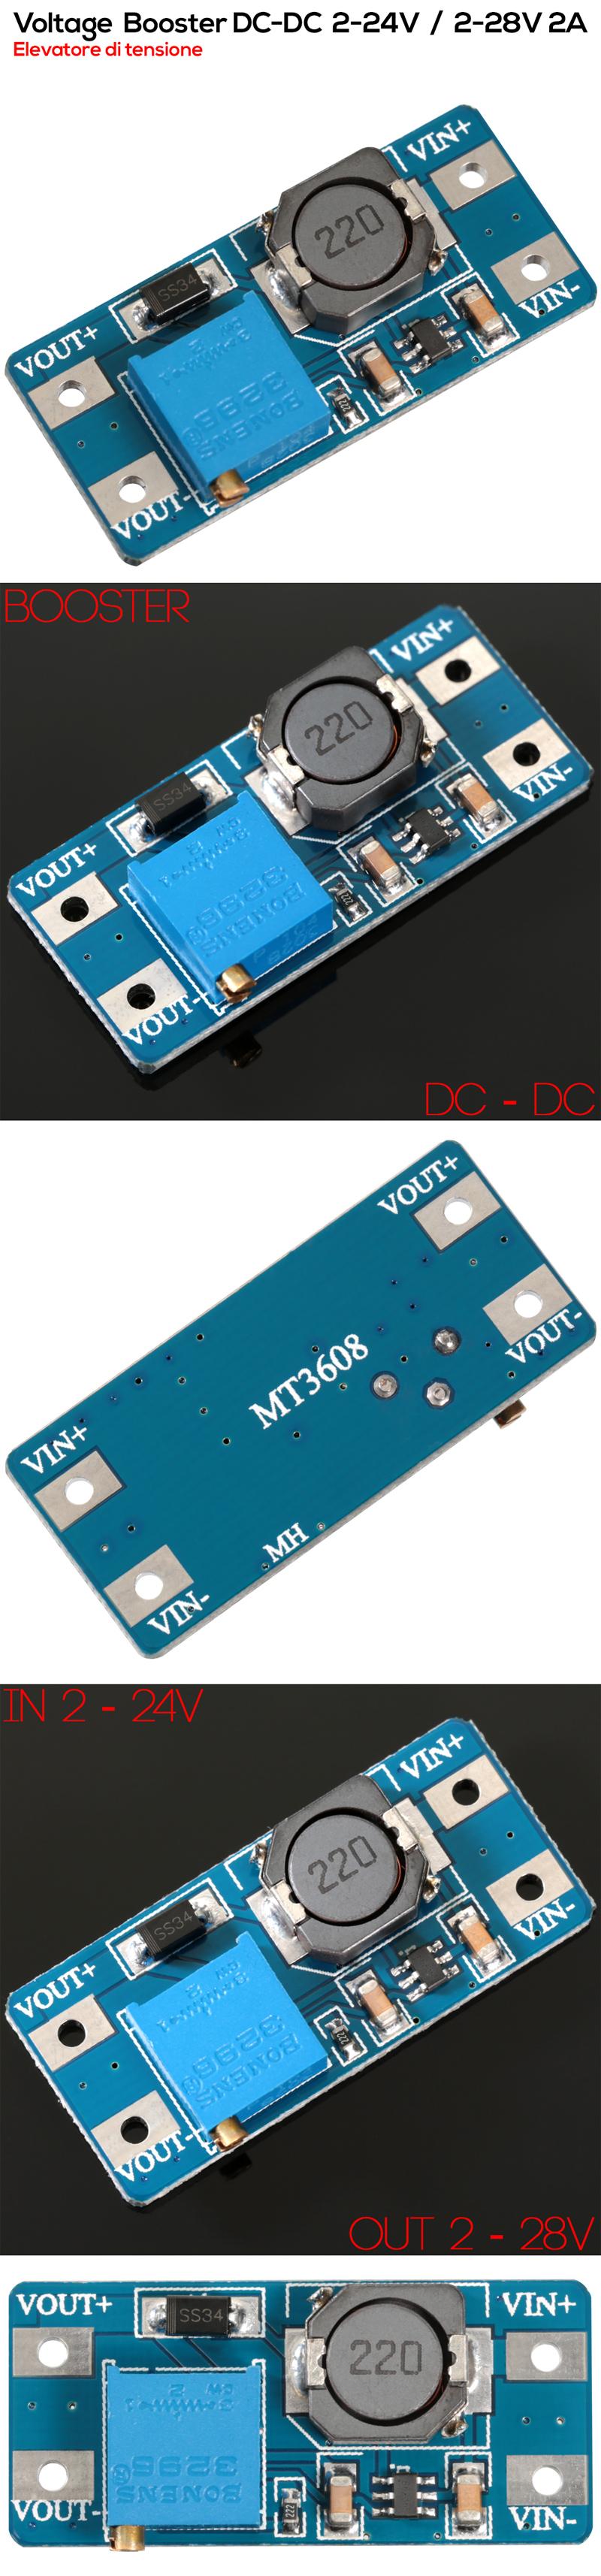 voltage-booster-mt3608-elevatore-di-tensione-costruzionedroni